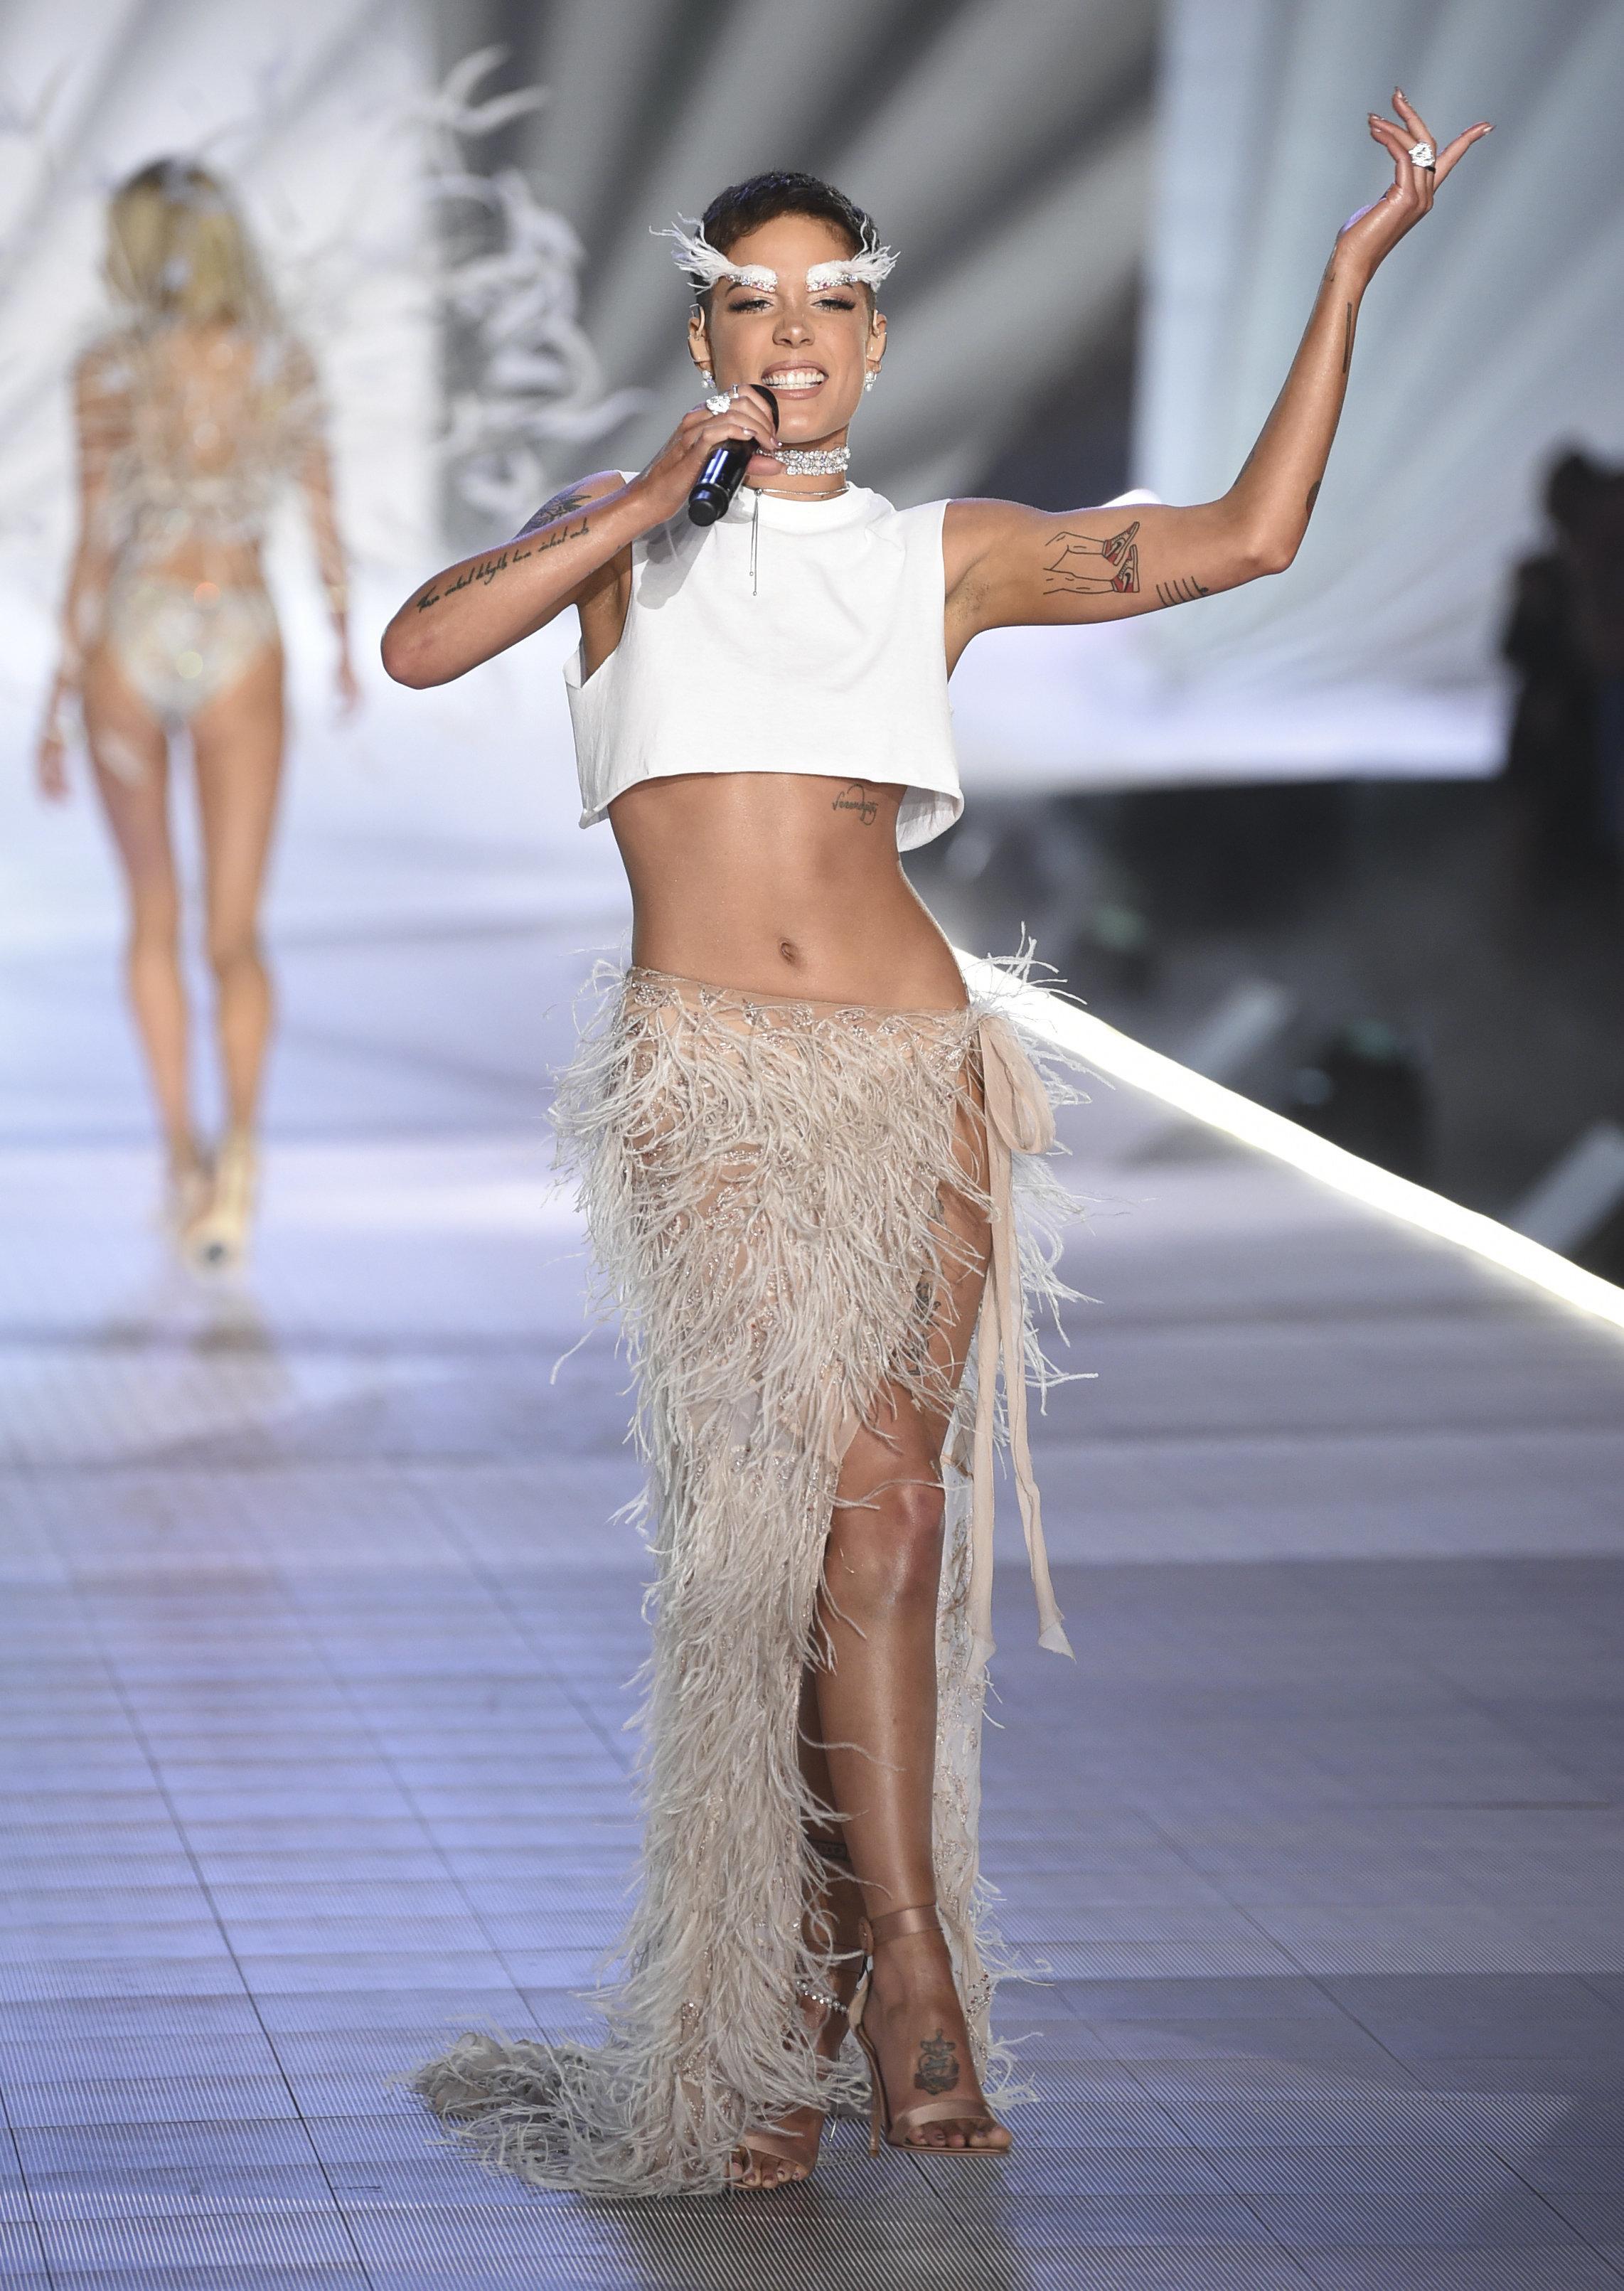 Χάλσεϊ εναντίον Victoria's Secret: Μηδενική ανοχή στην έλλειψη